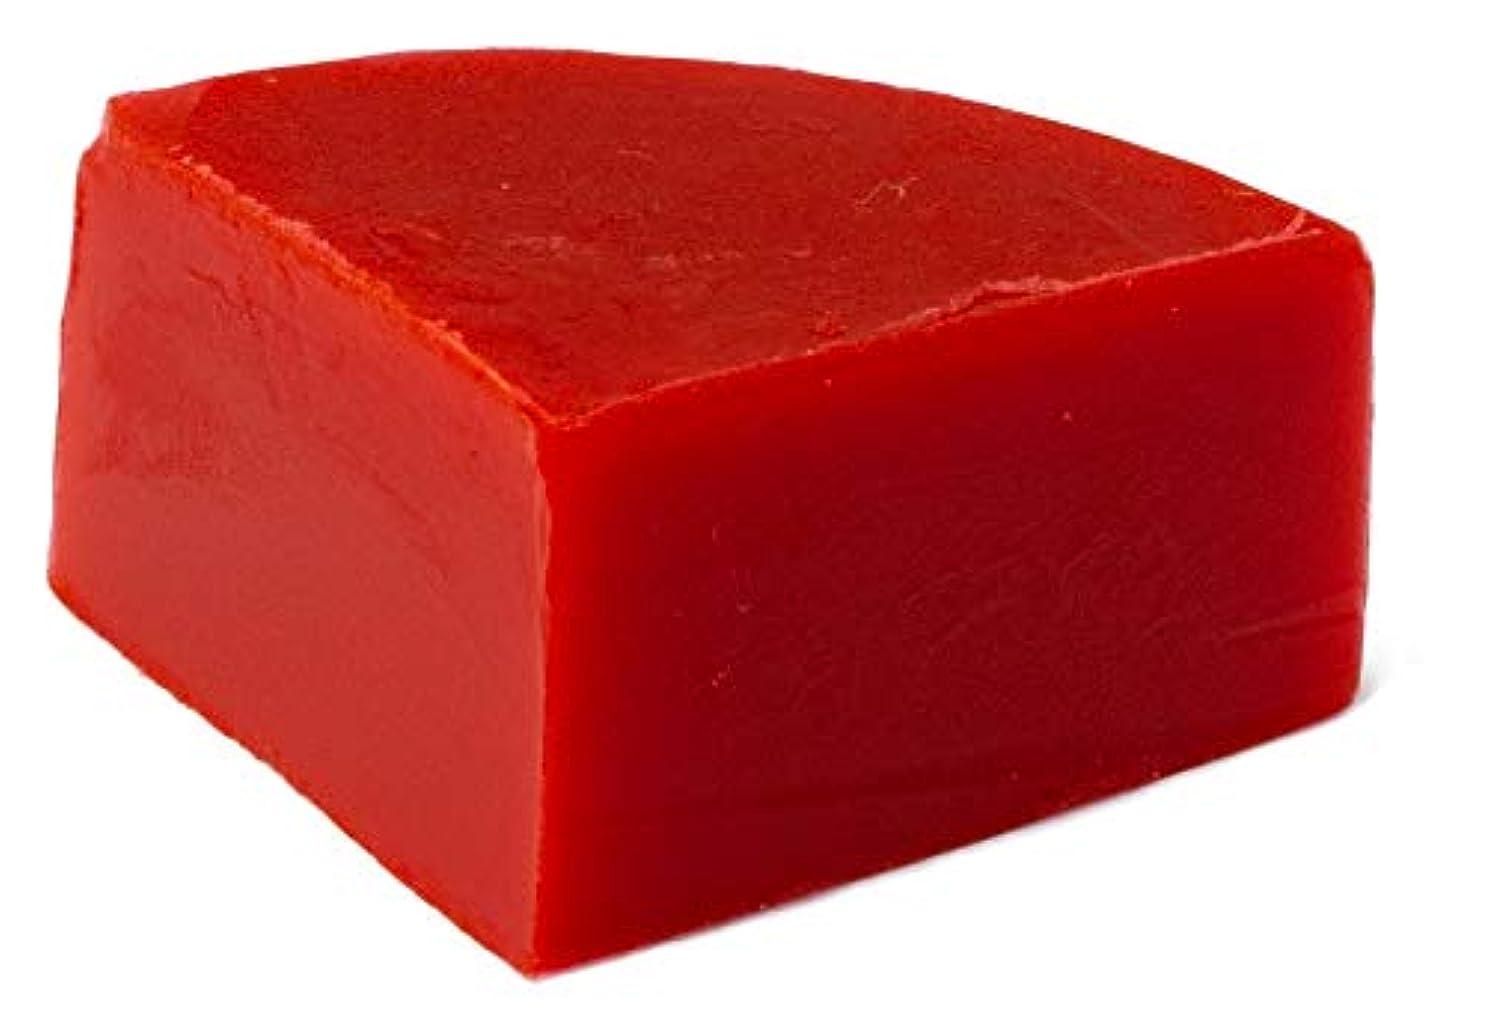 やむを得ない覚えている必要条件グリセリン クリアソープ 色チップ 赤 25g (MPソープ)